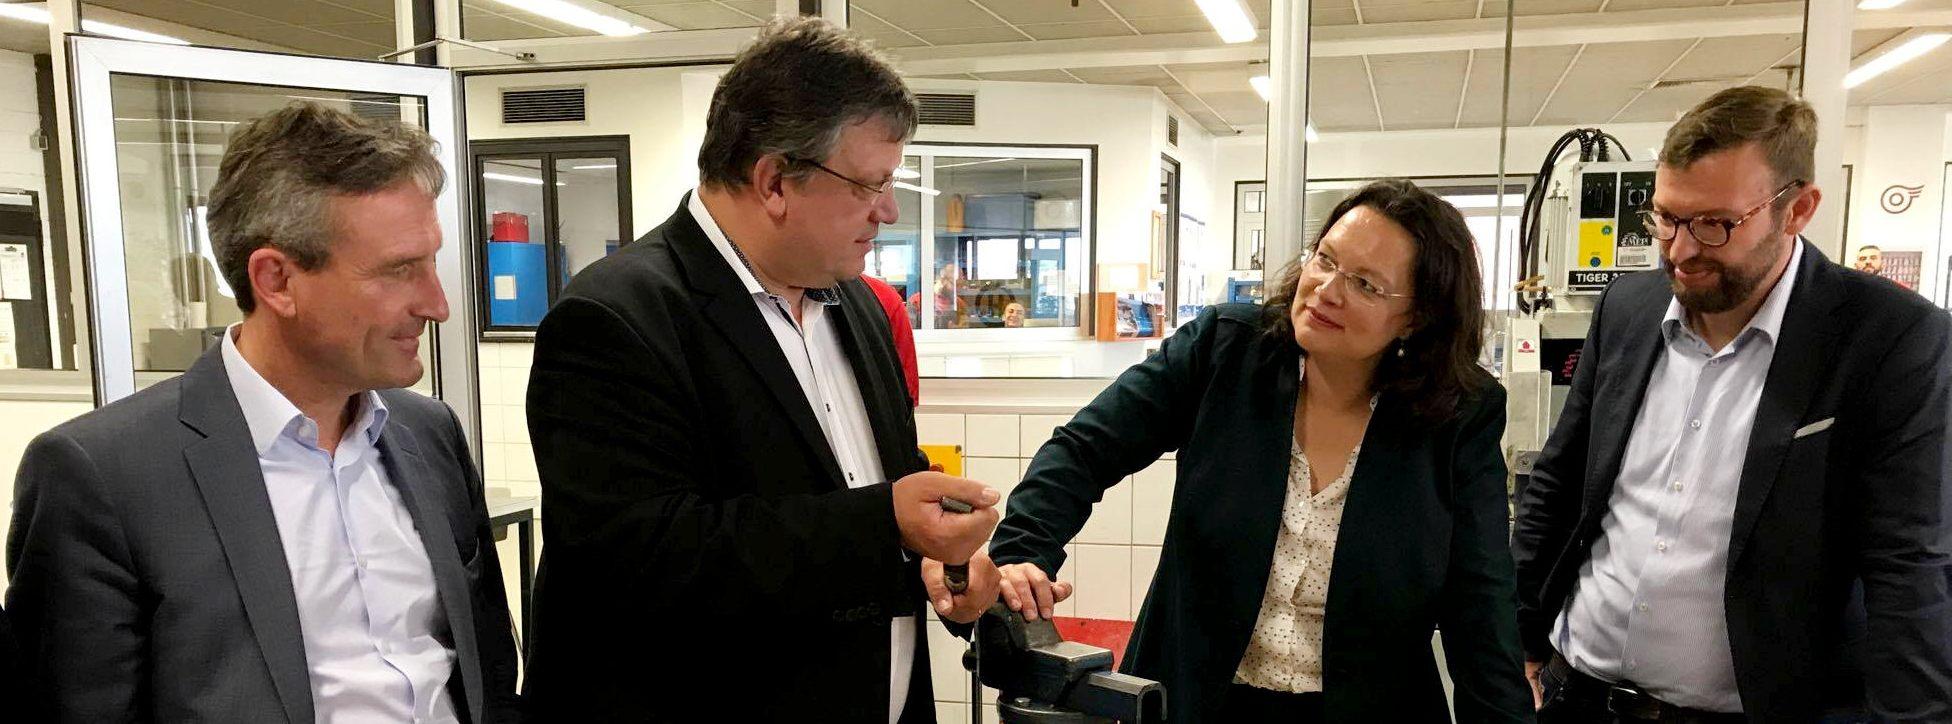 Bundesarbeitsministerin Andrea Nahles zu Besuch bei der Rheinbahn